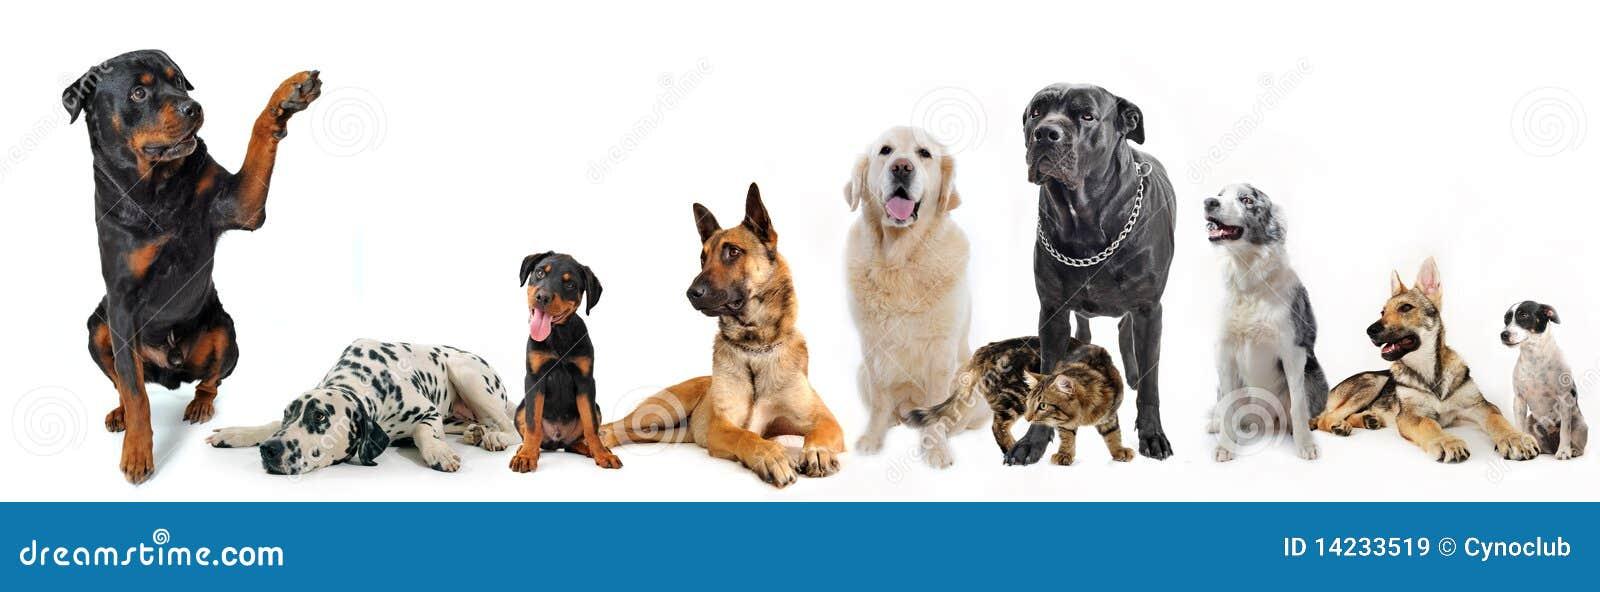 Groep honden en kat